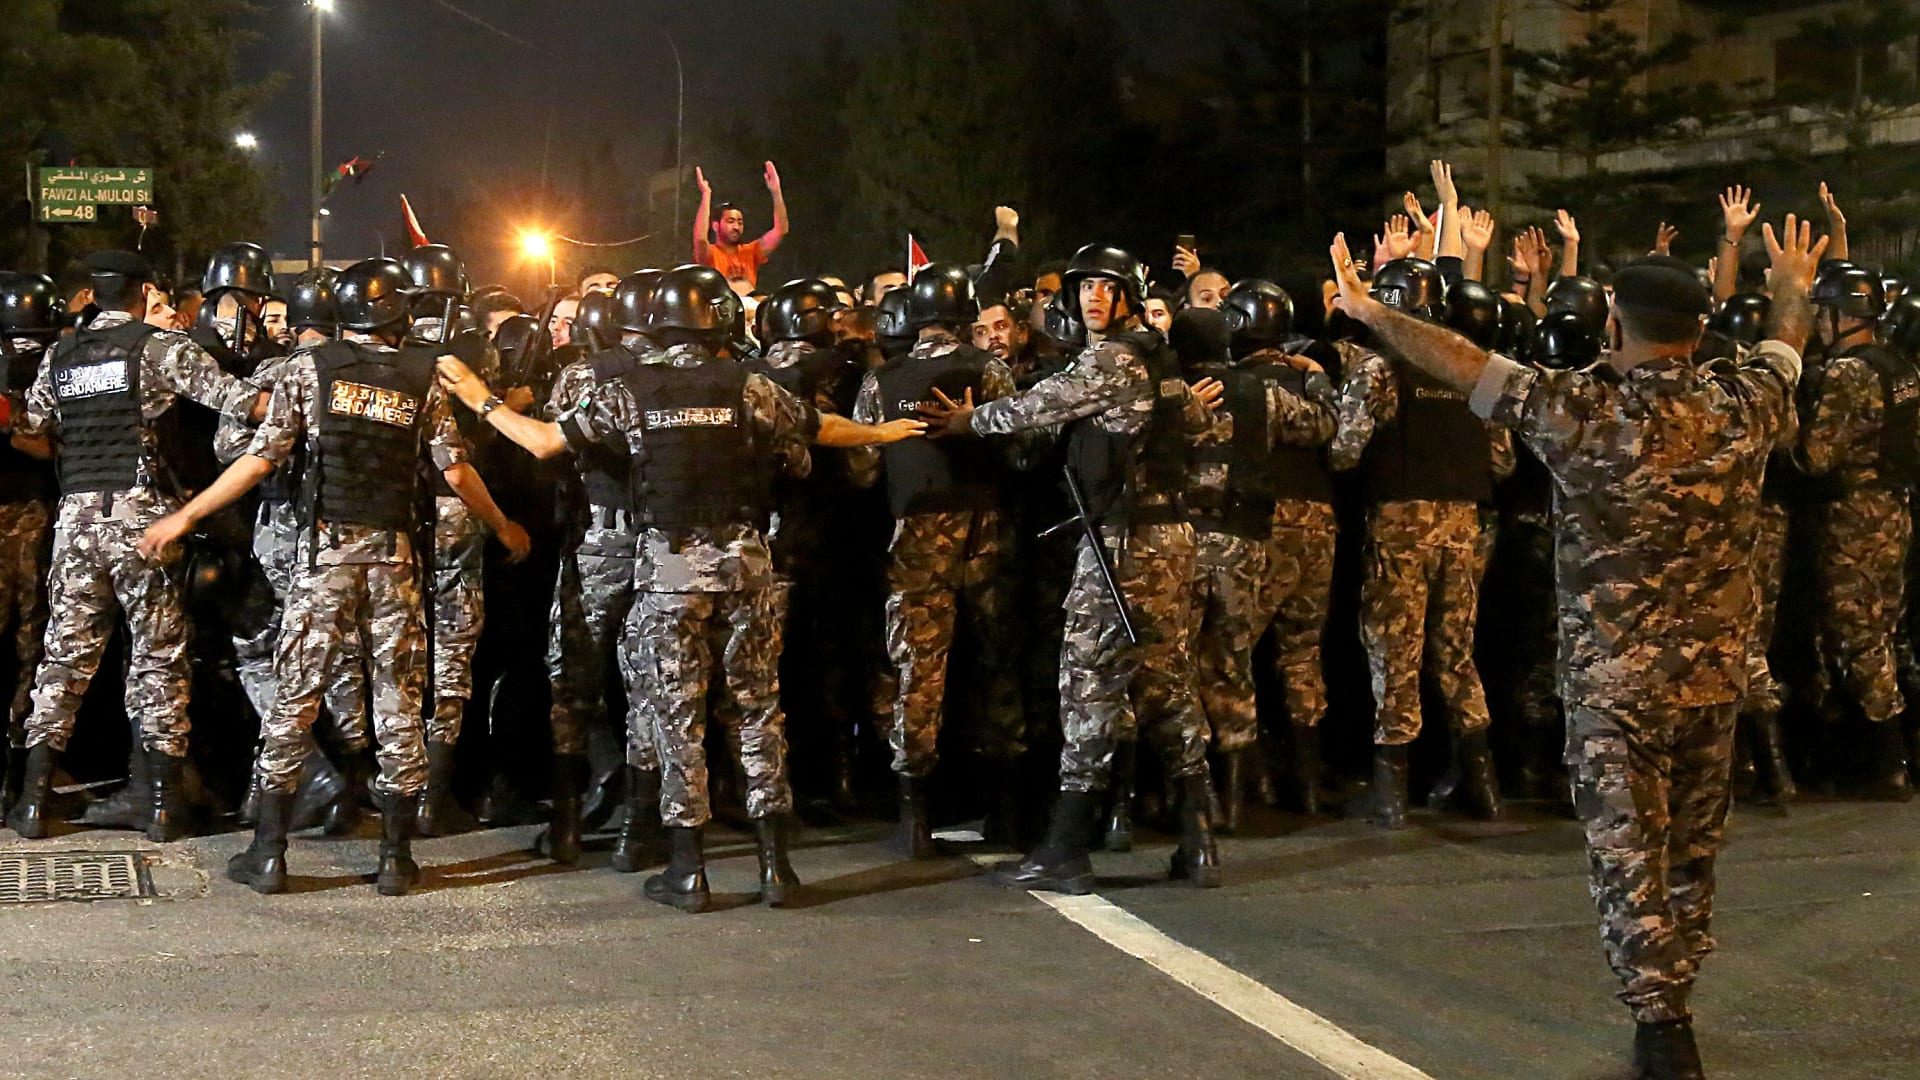 الأمن العام والدرك: لا وجود لبؤر ساخنة.. واعتقلنا 8 أشخاص غير أردنيين